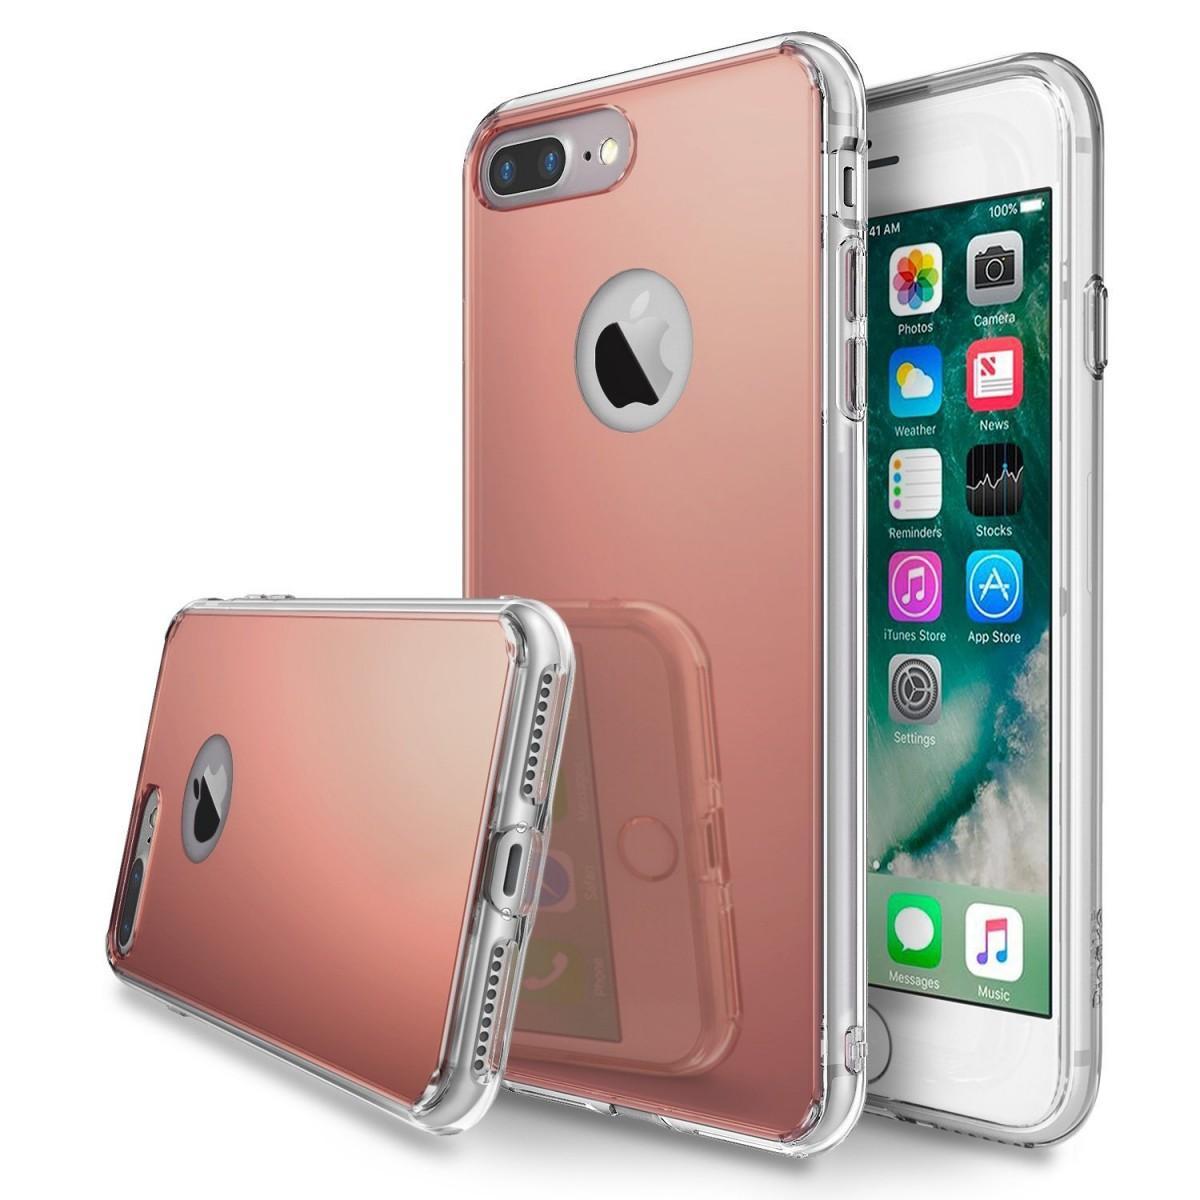 Zrcadlový kryt My Mirror pro iPhone 7 Plus - Růžově zlatý (rose gold)